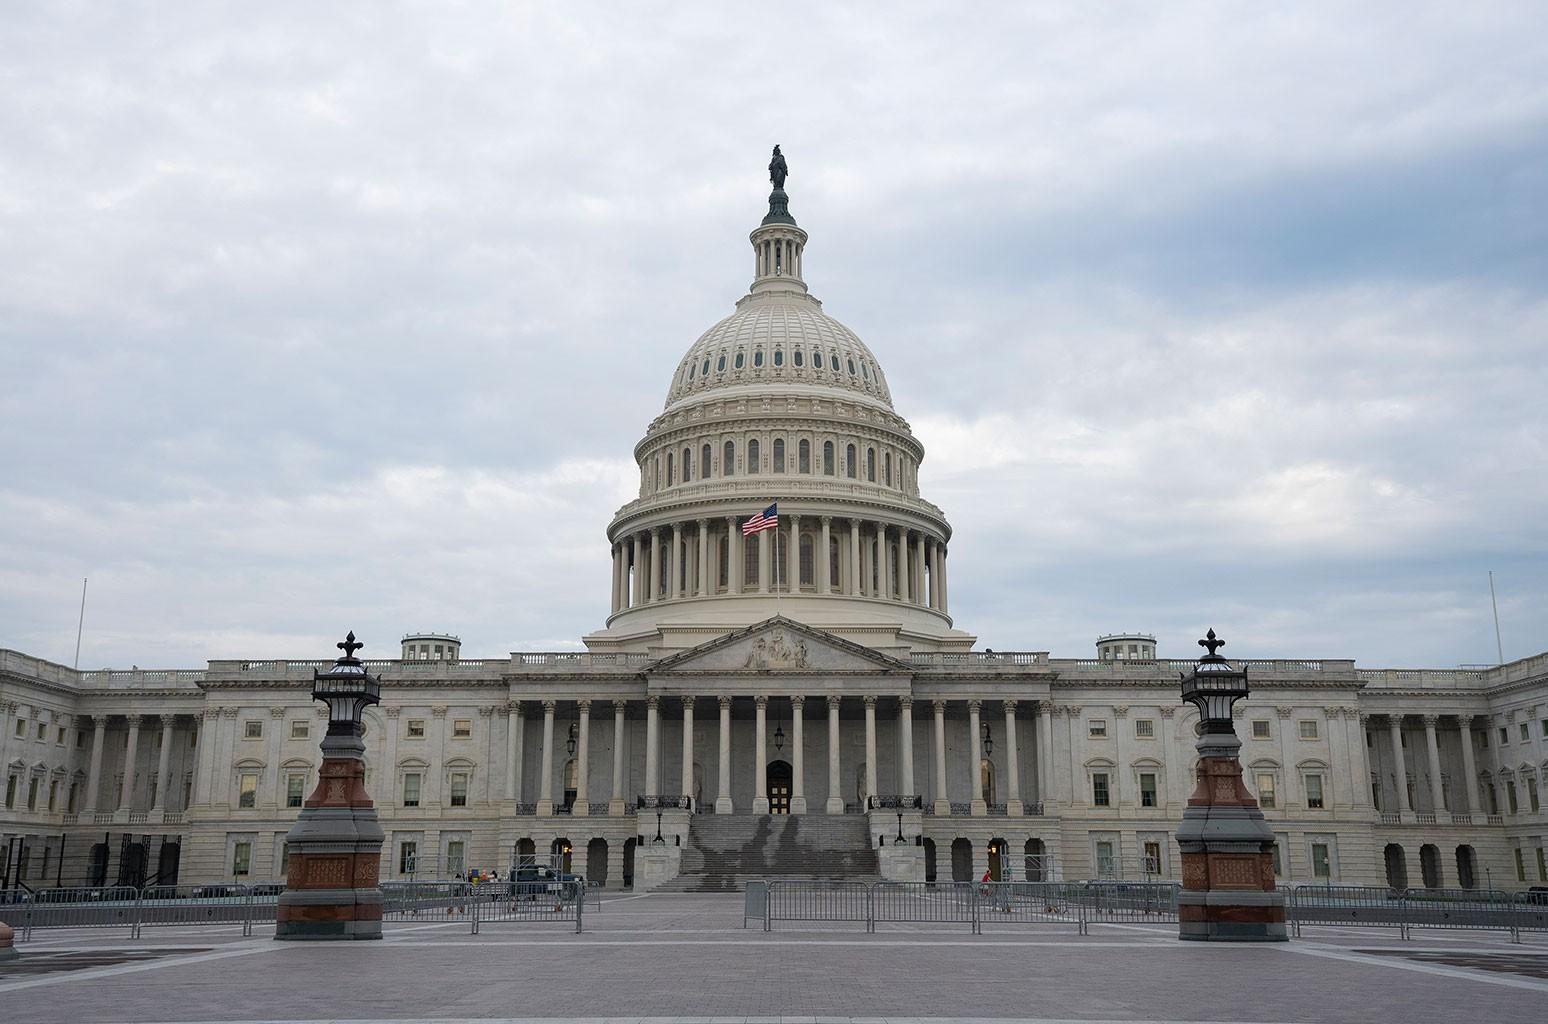 The United States Capitol, Coronavirus Relief